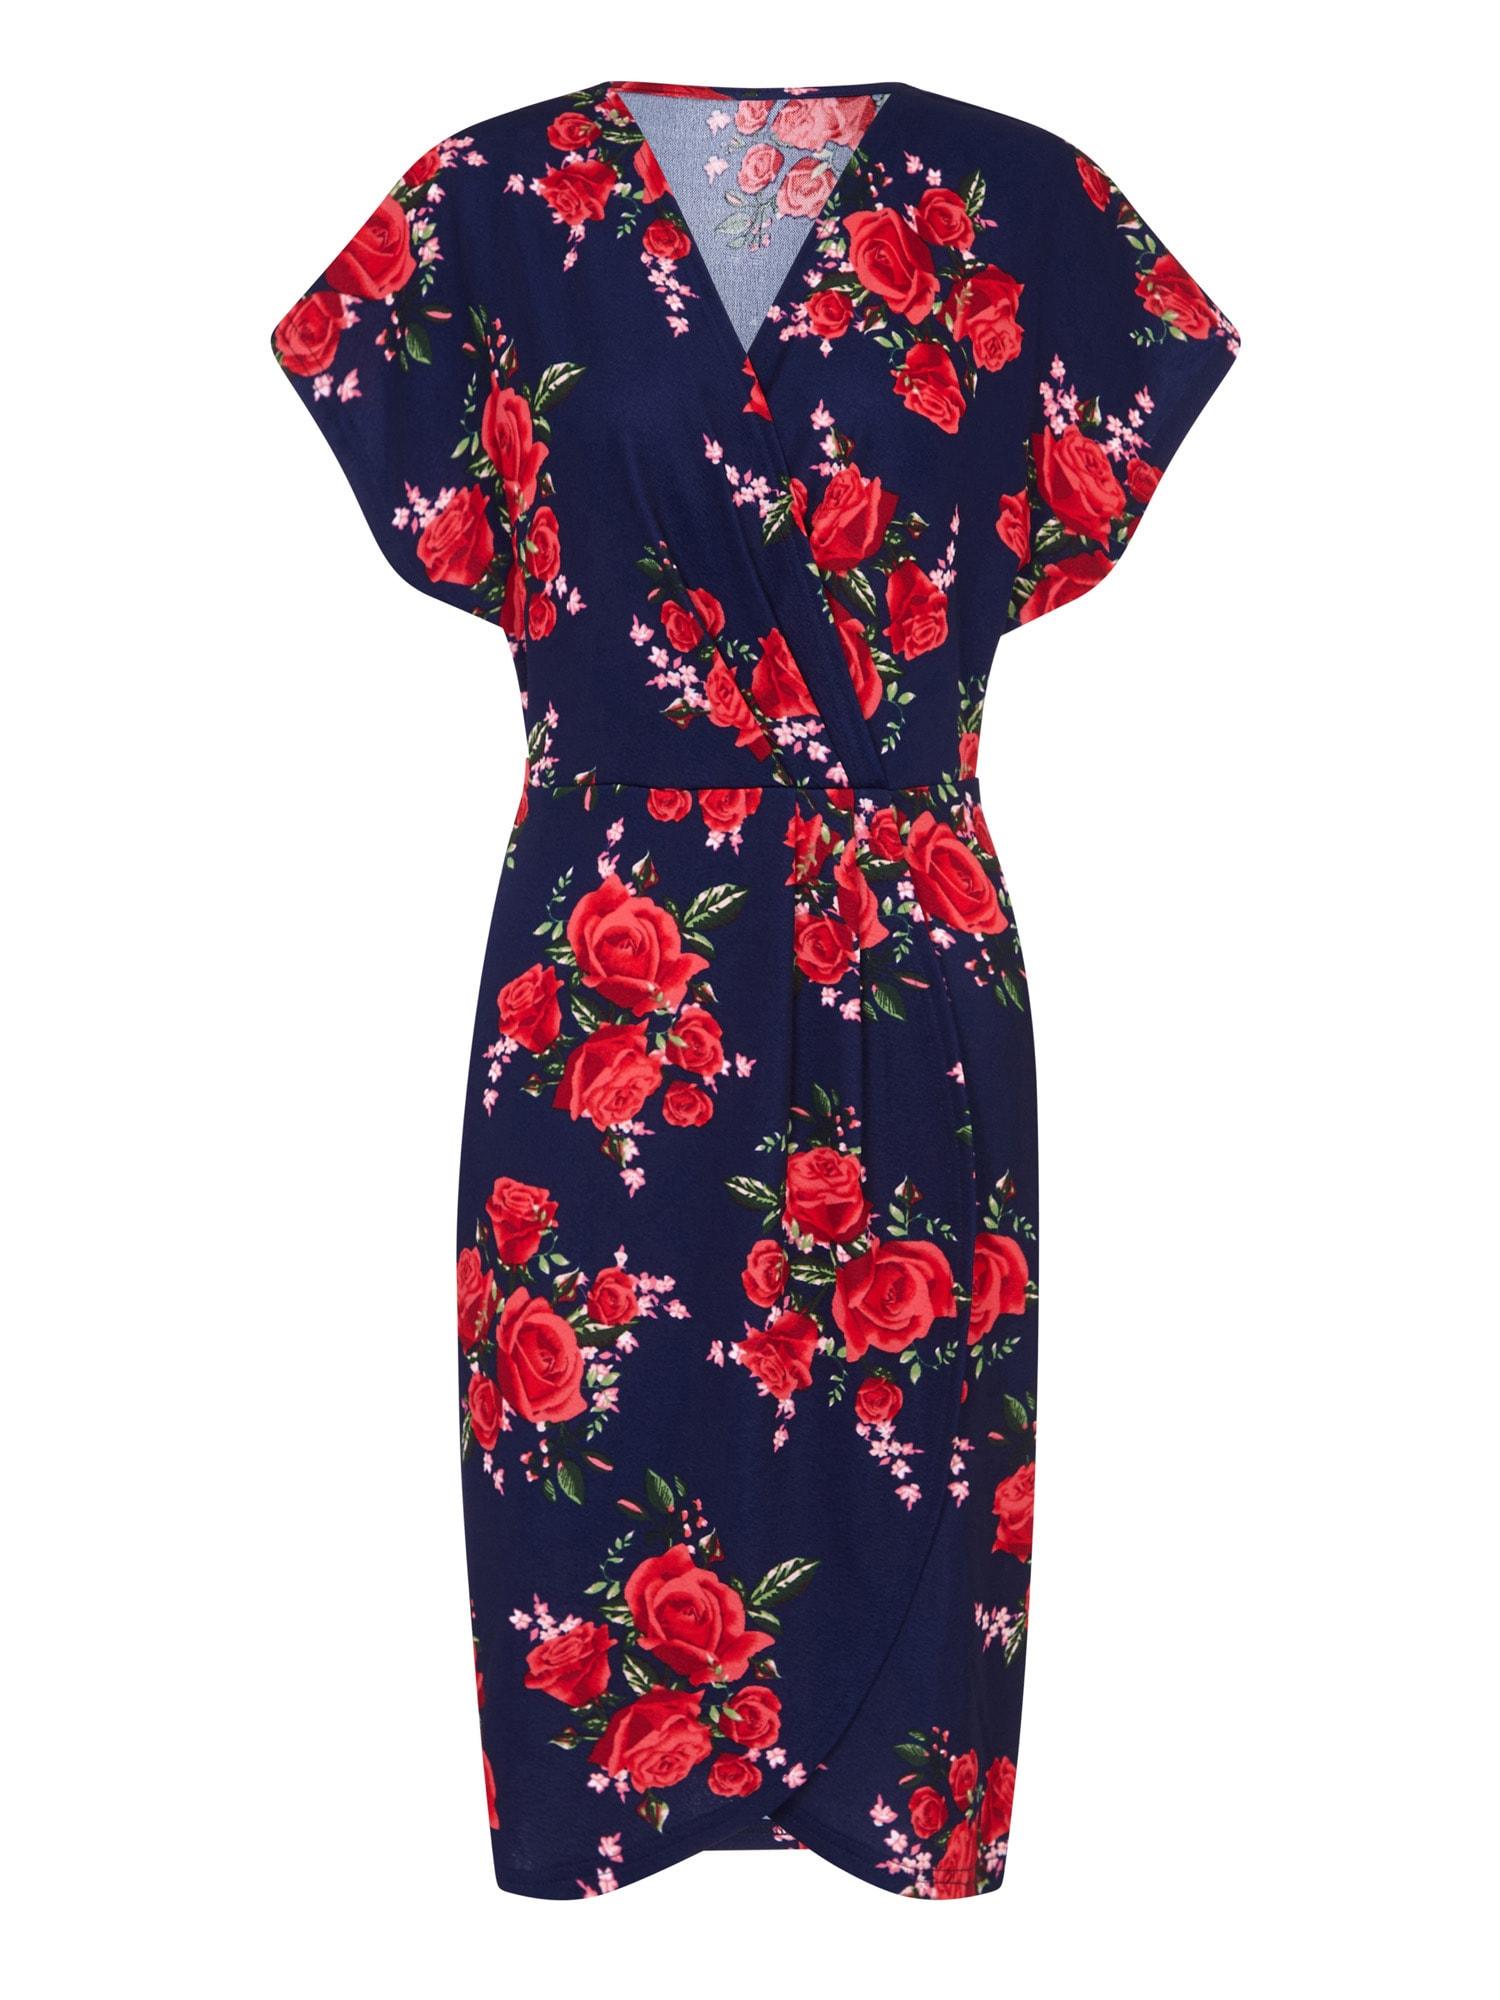 Letní šaty WRAP EFFECT DRESS námořnická modř červená Mela London